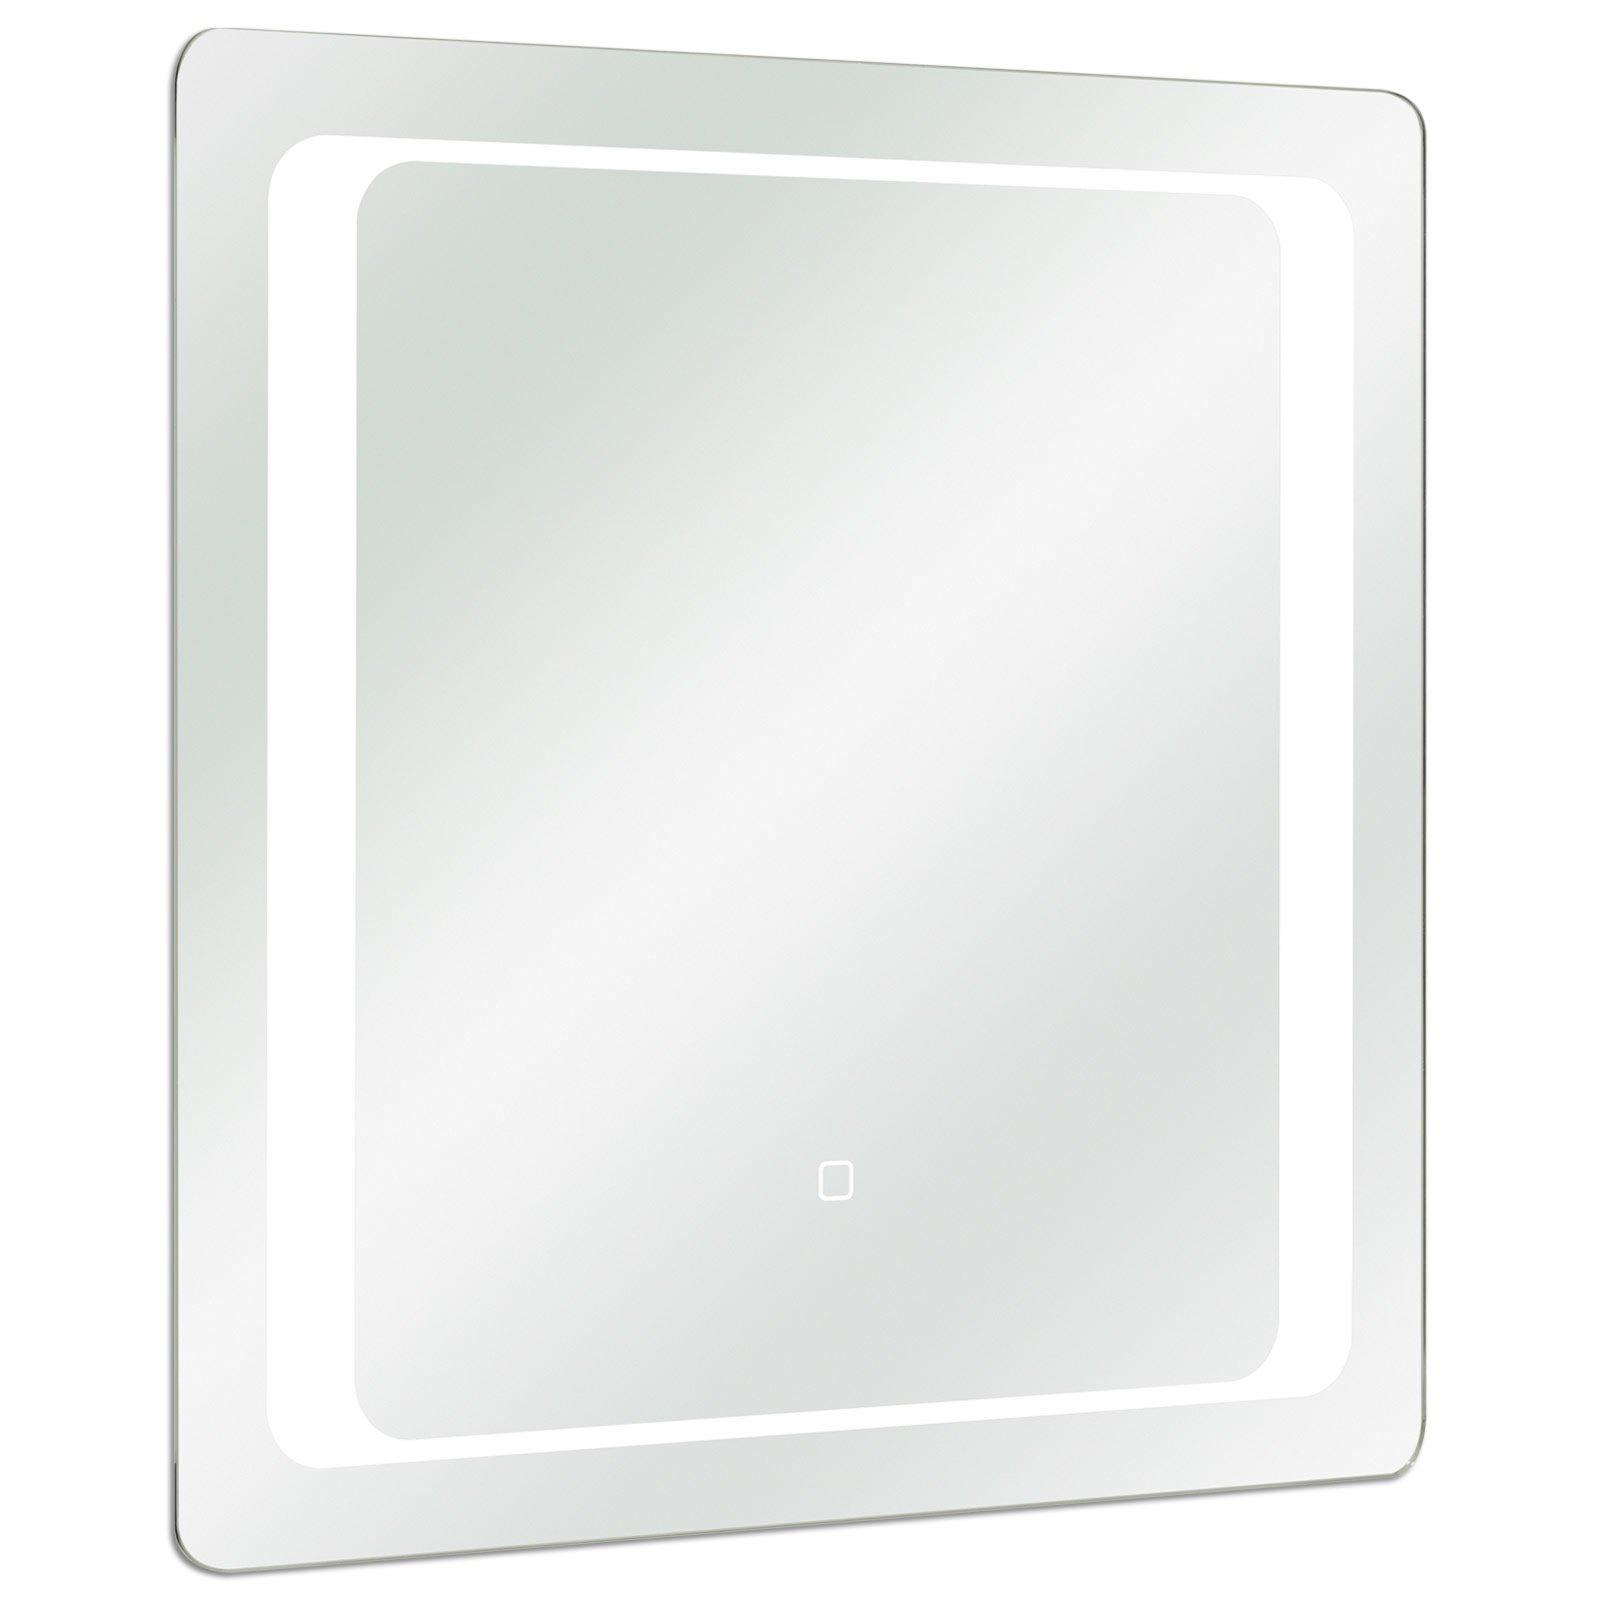 spiegel mit led beleuchtung 0287054500 online bei. Black Bedroom Furniture Sets. Home Design Ideas